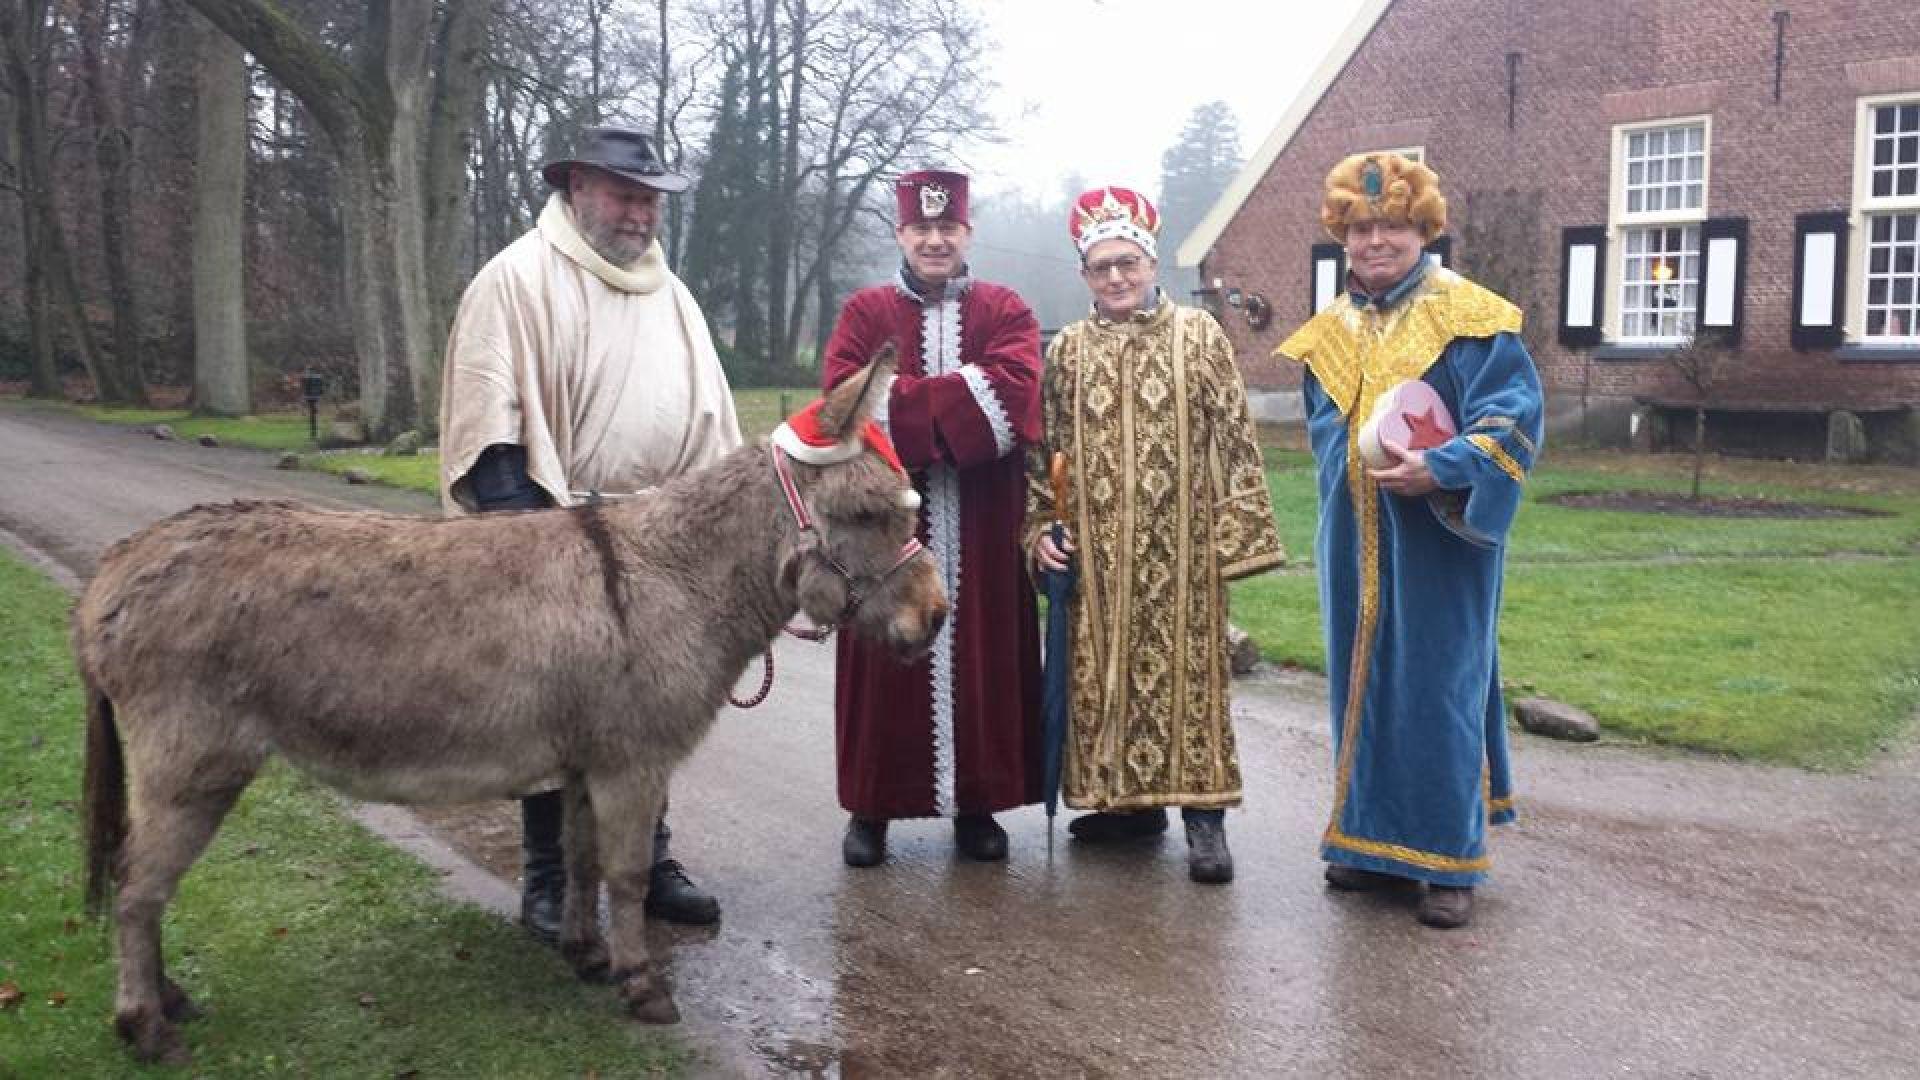 Midwinterwandeling en Drie Koningen Wandeltocht Delden samengevoegd